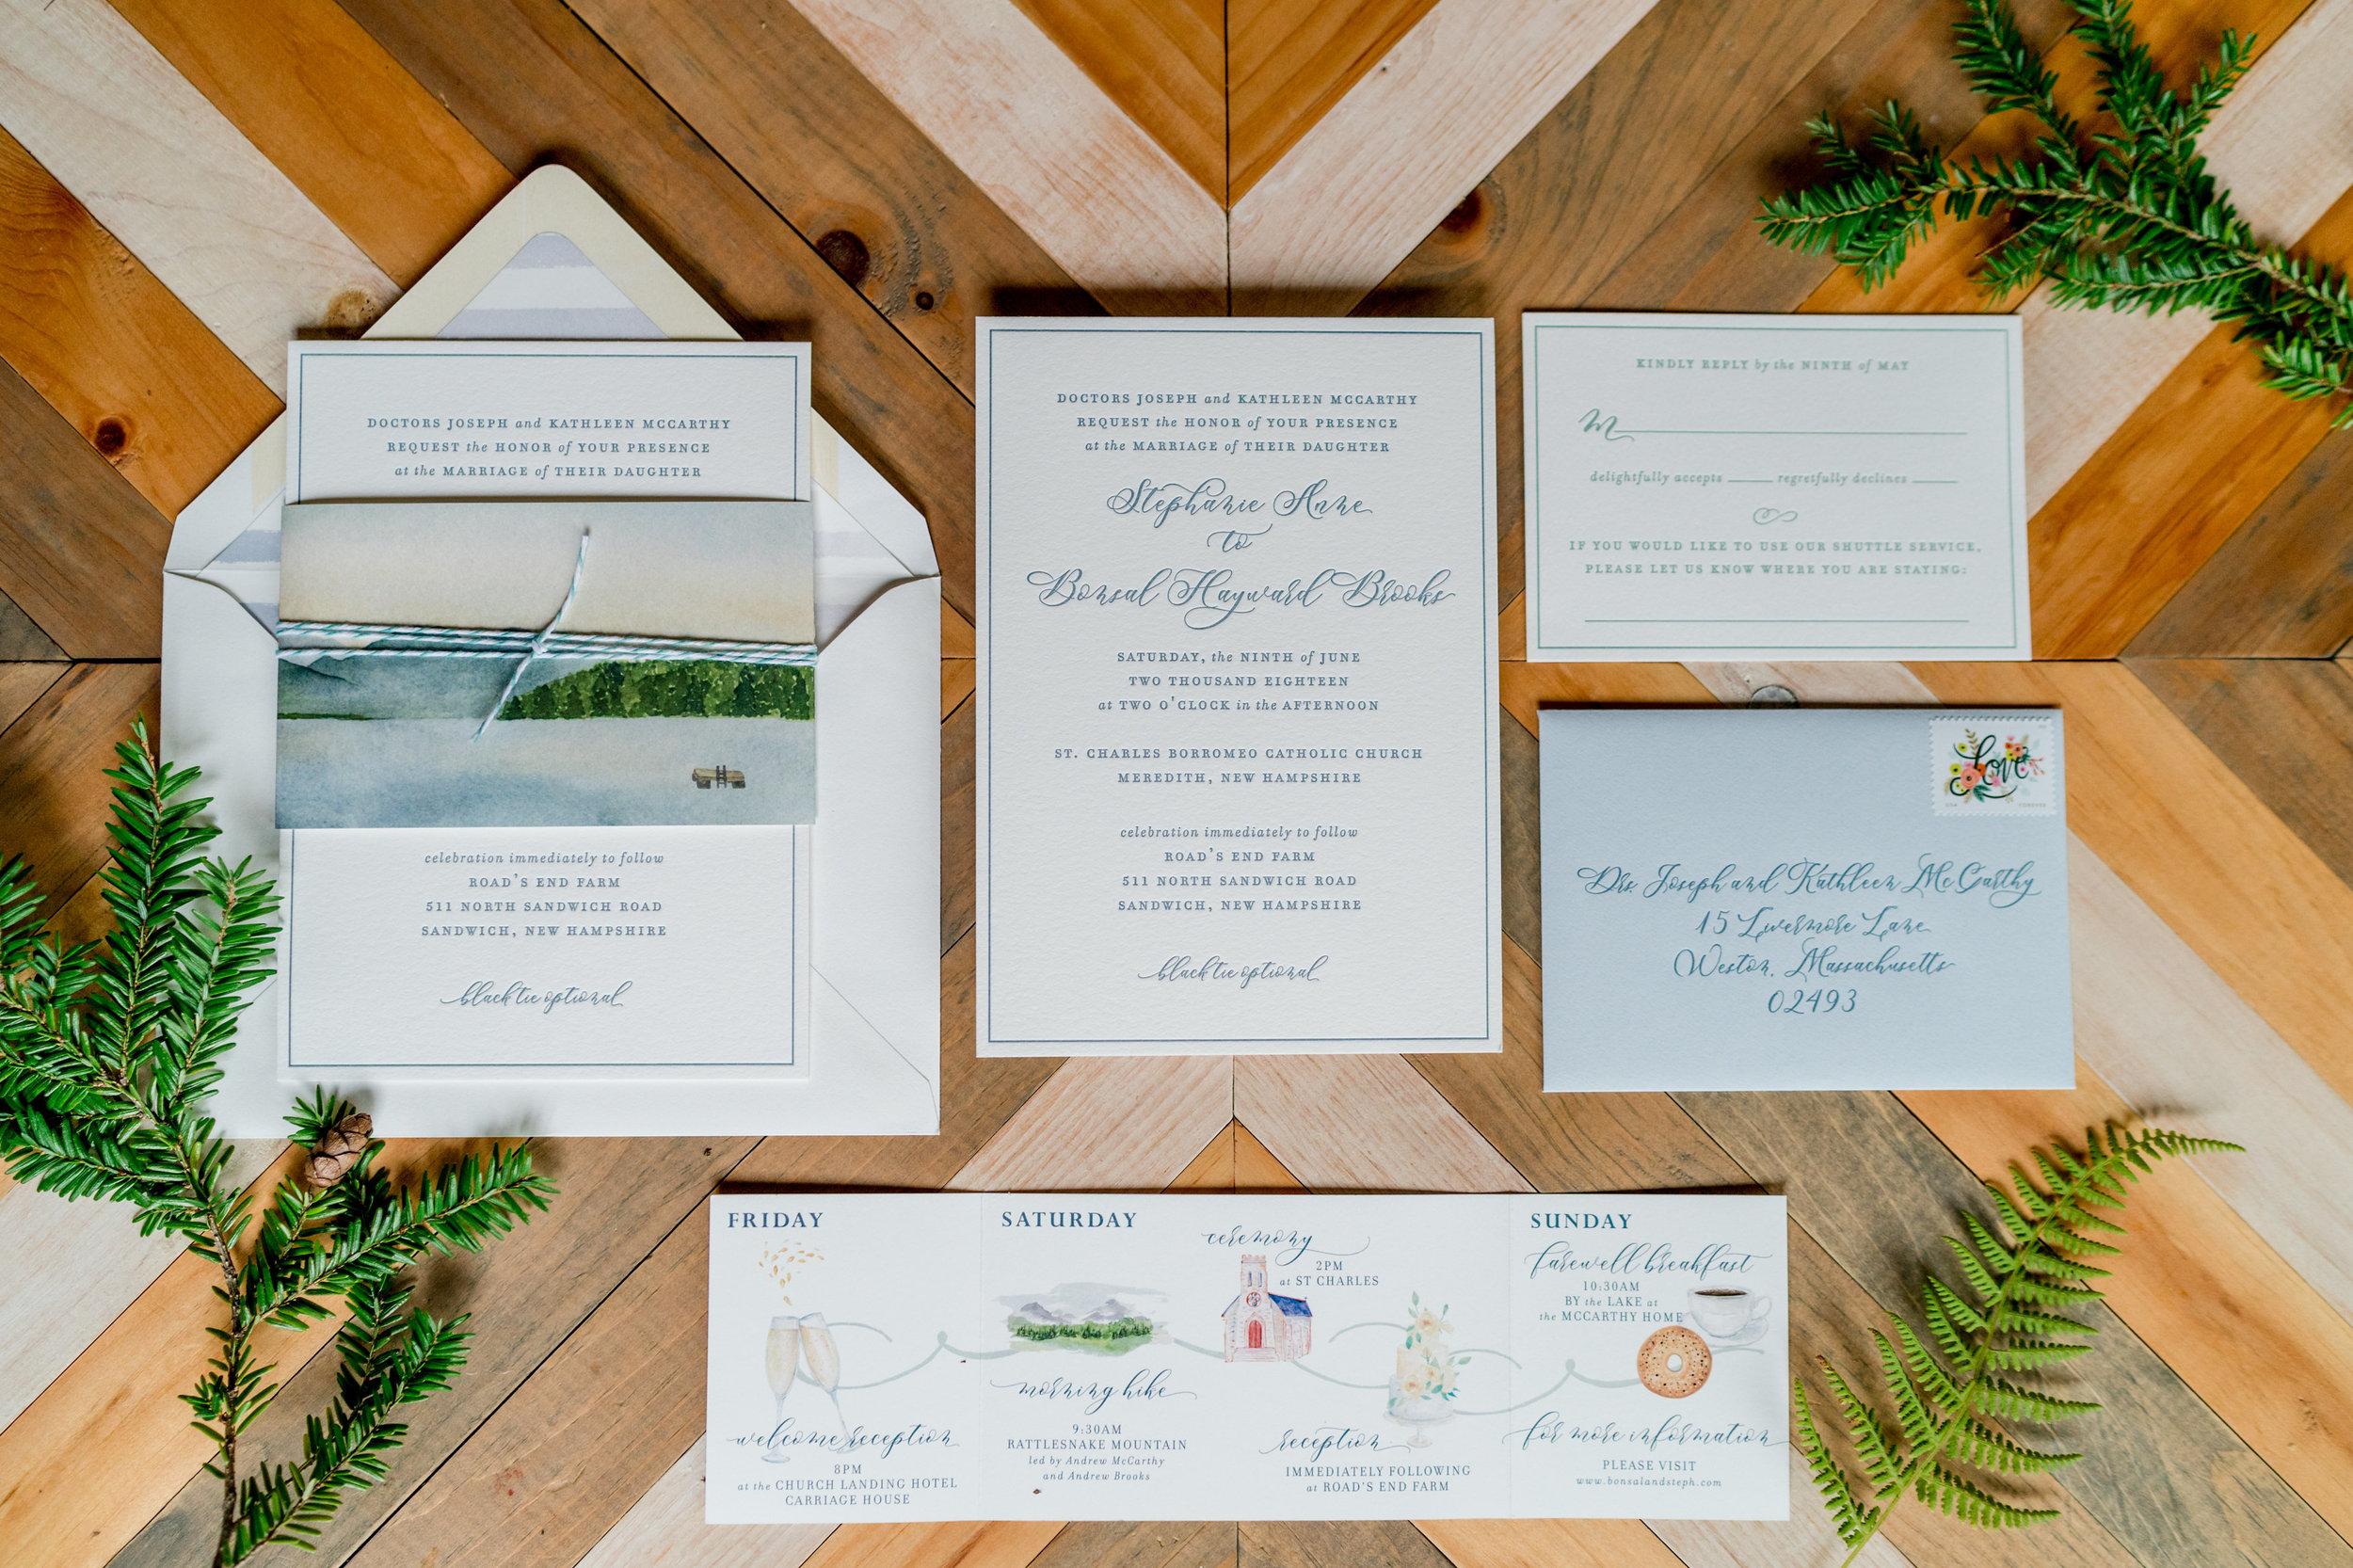 invitations-18.jpg